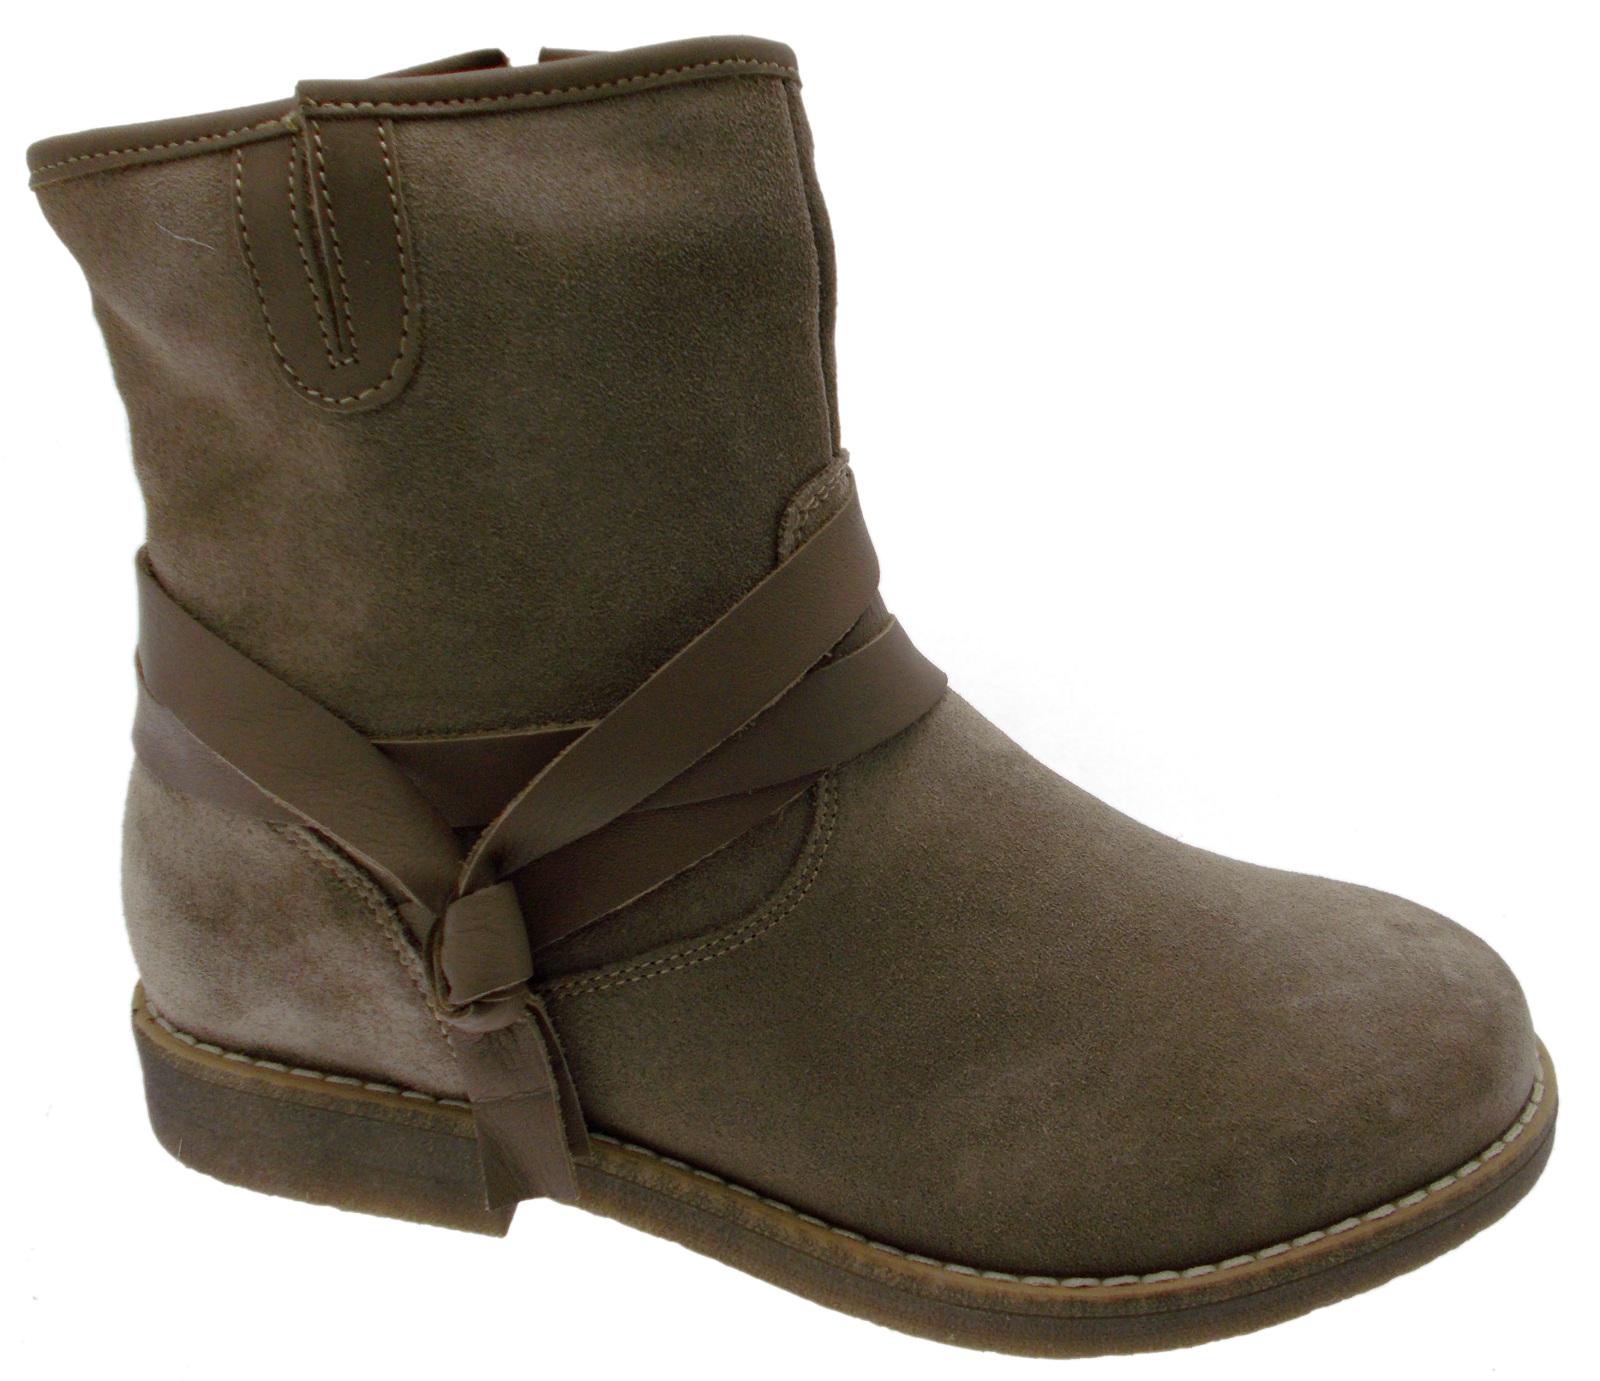 Art C3708  stivaletto anckle boot  camoscio taupe tortora ortopedico plantare L